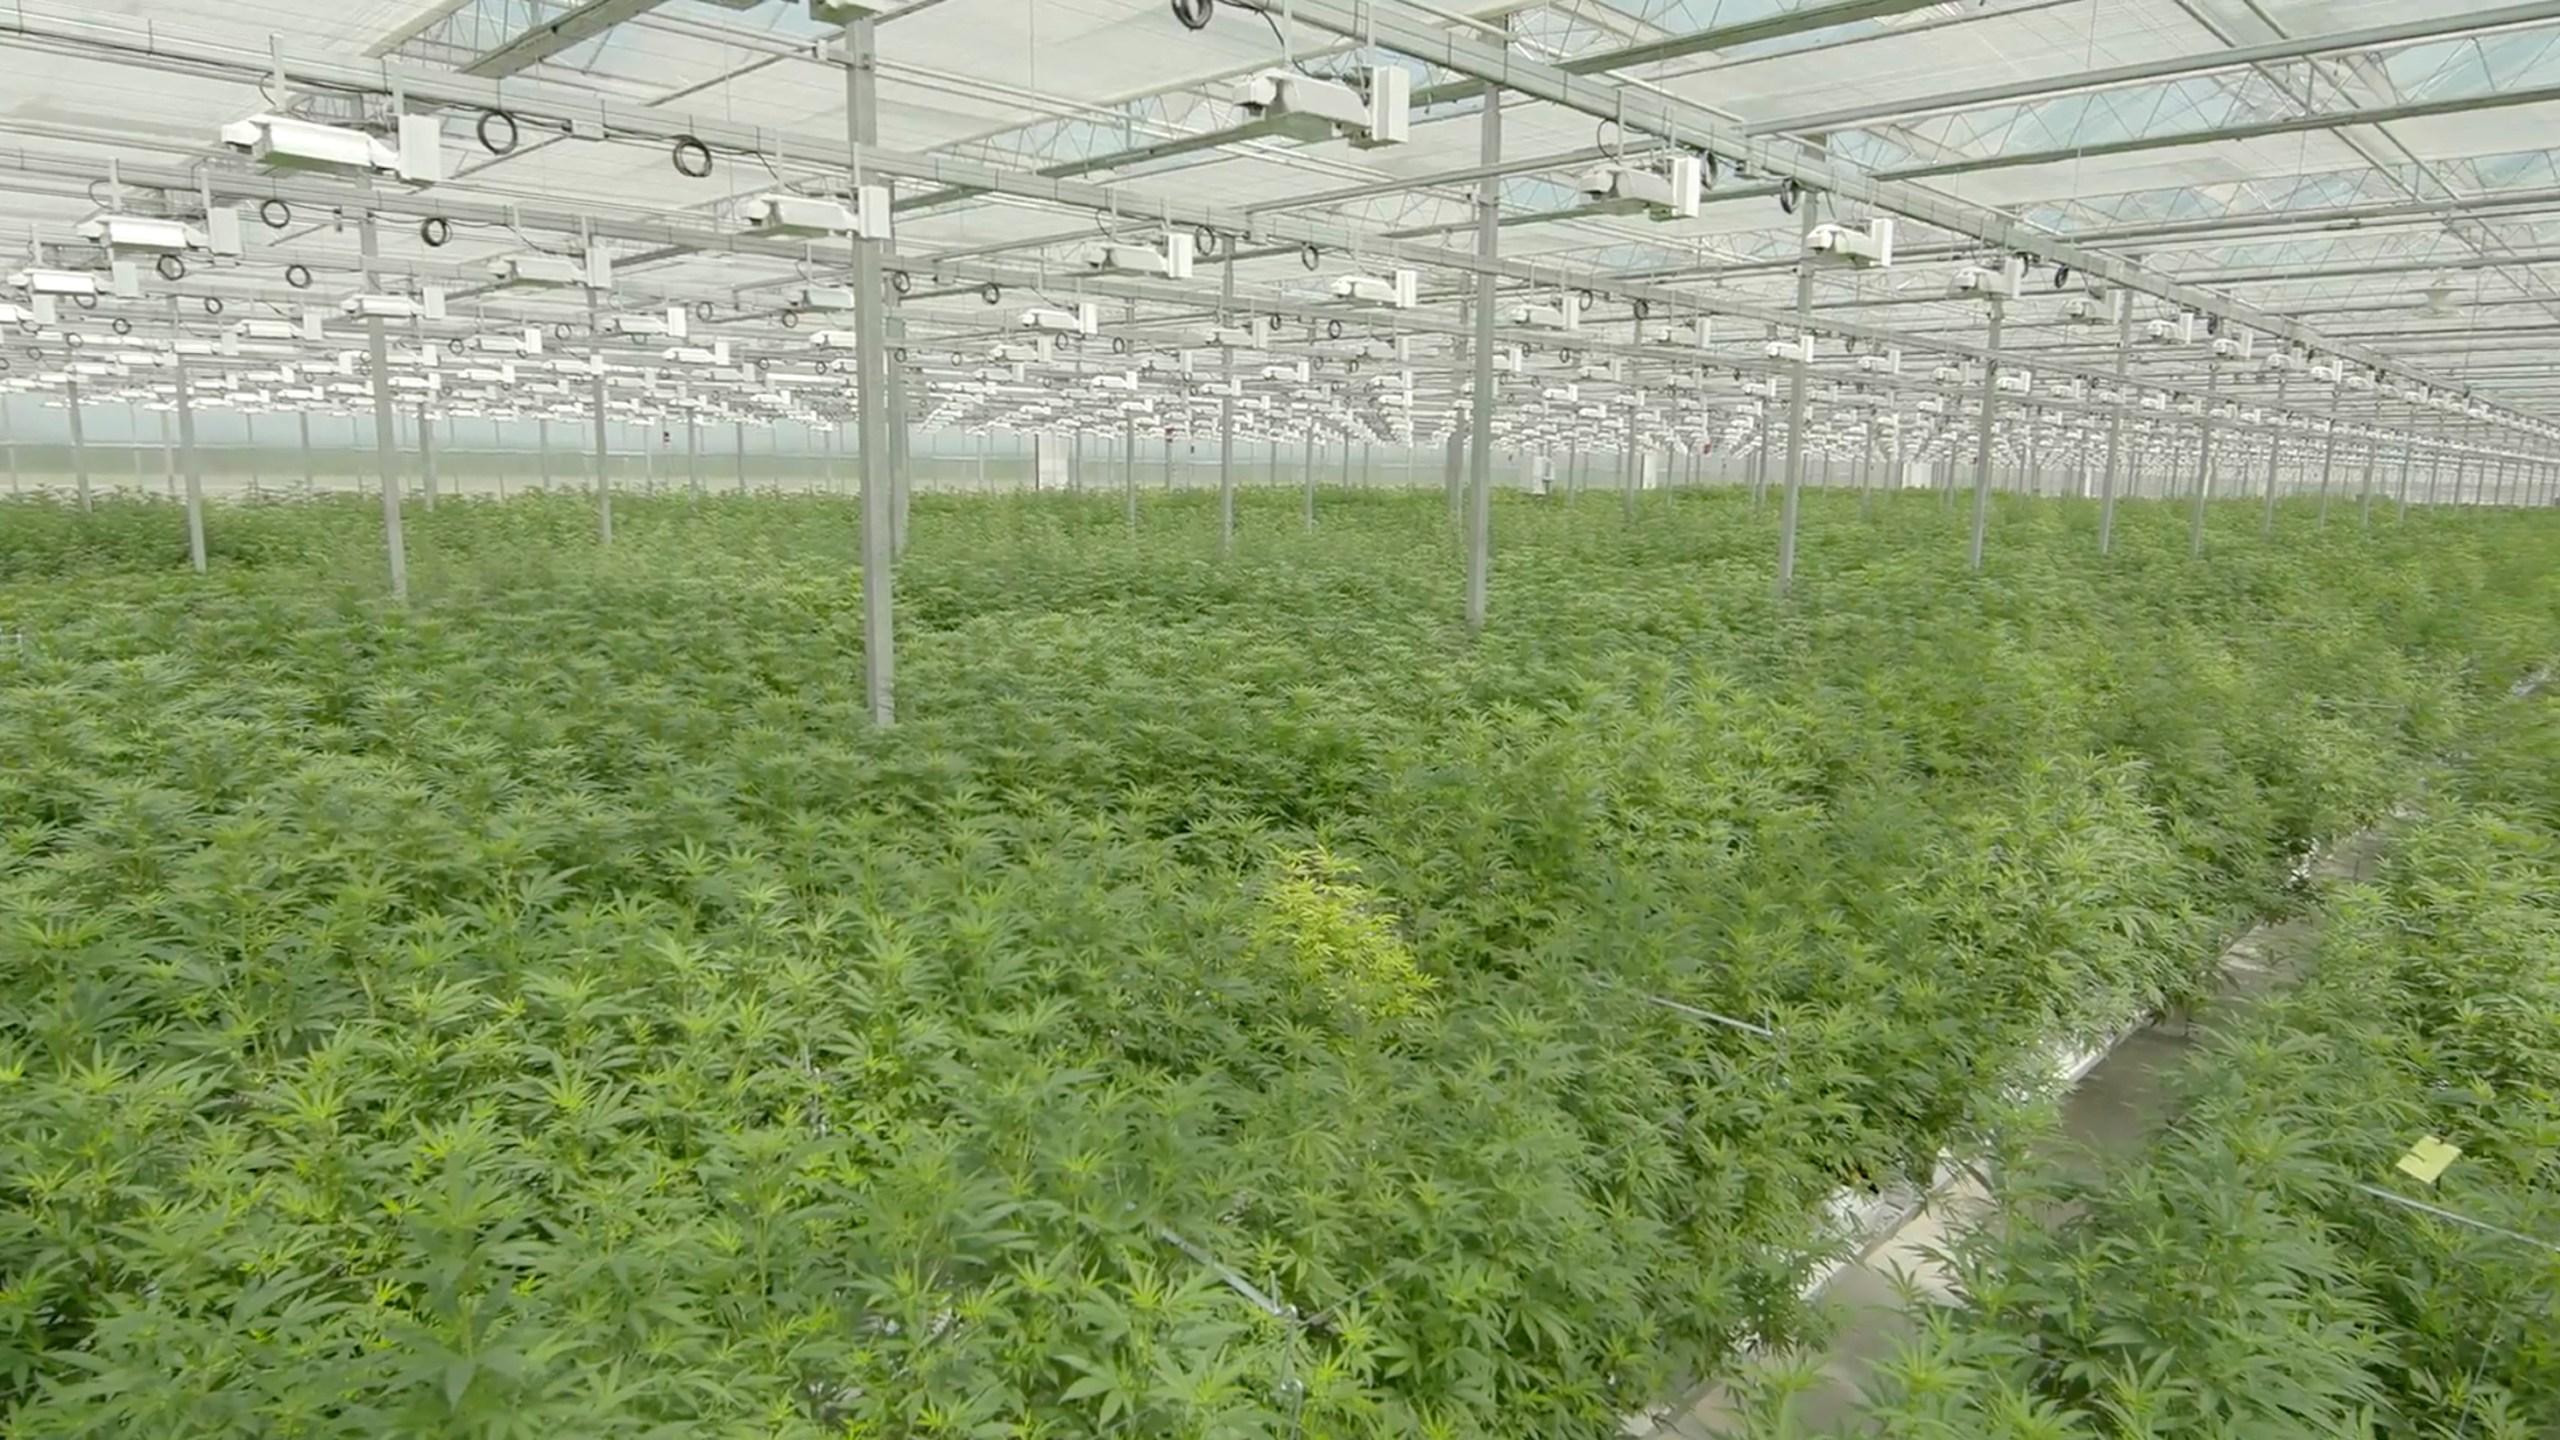 Marijuana_IPO_18086-159532.jpg49623937